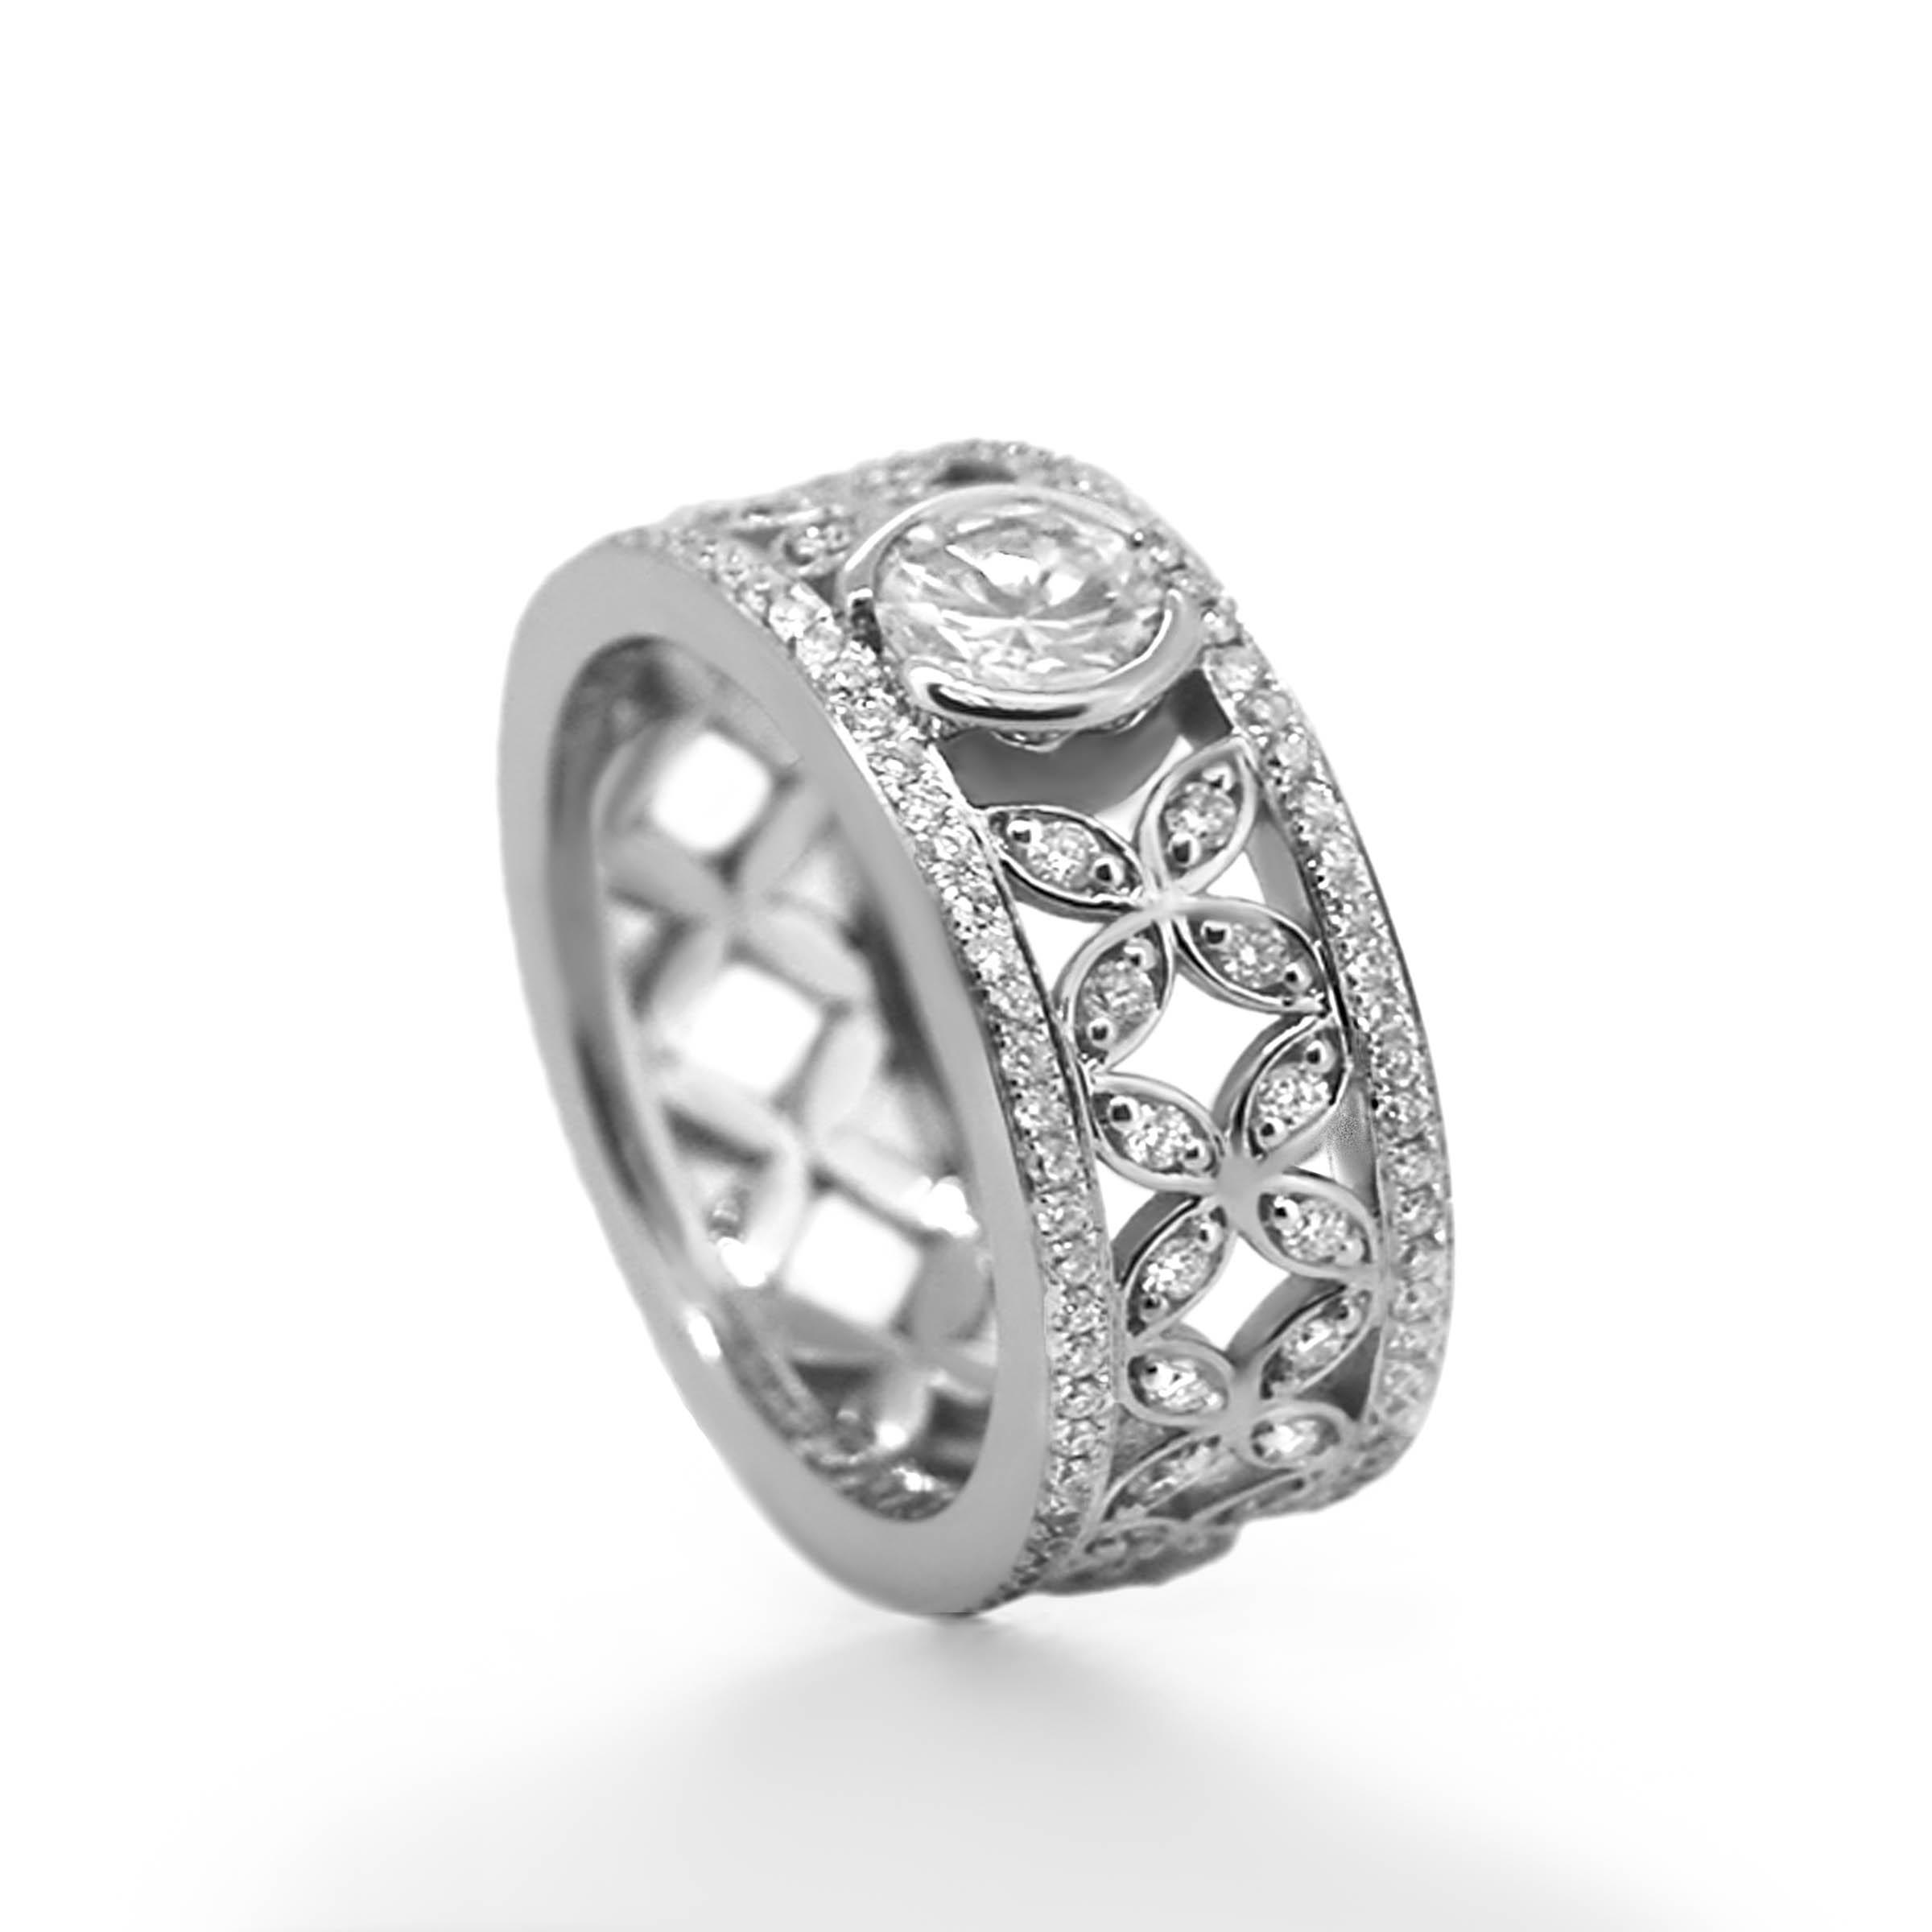 diamond dress ring- haywards of hong kong